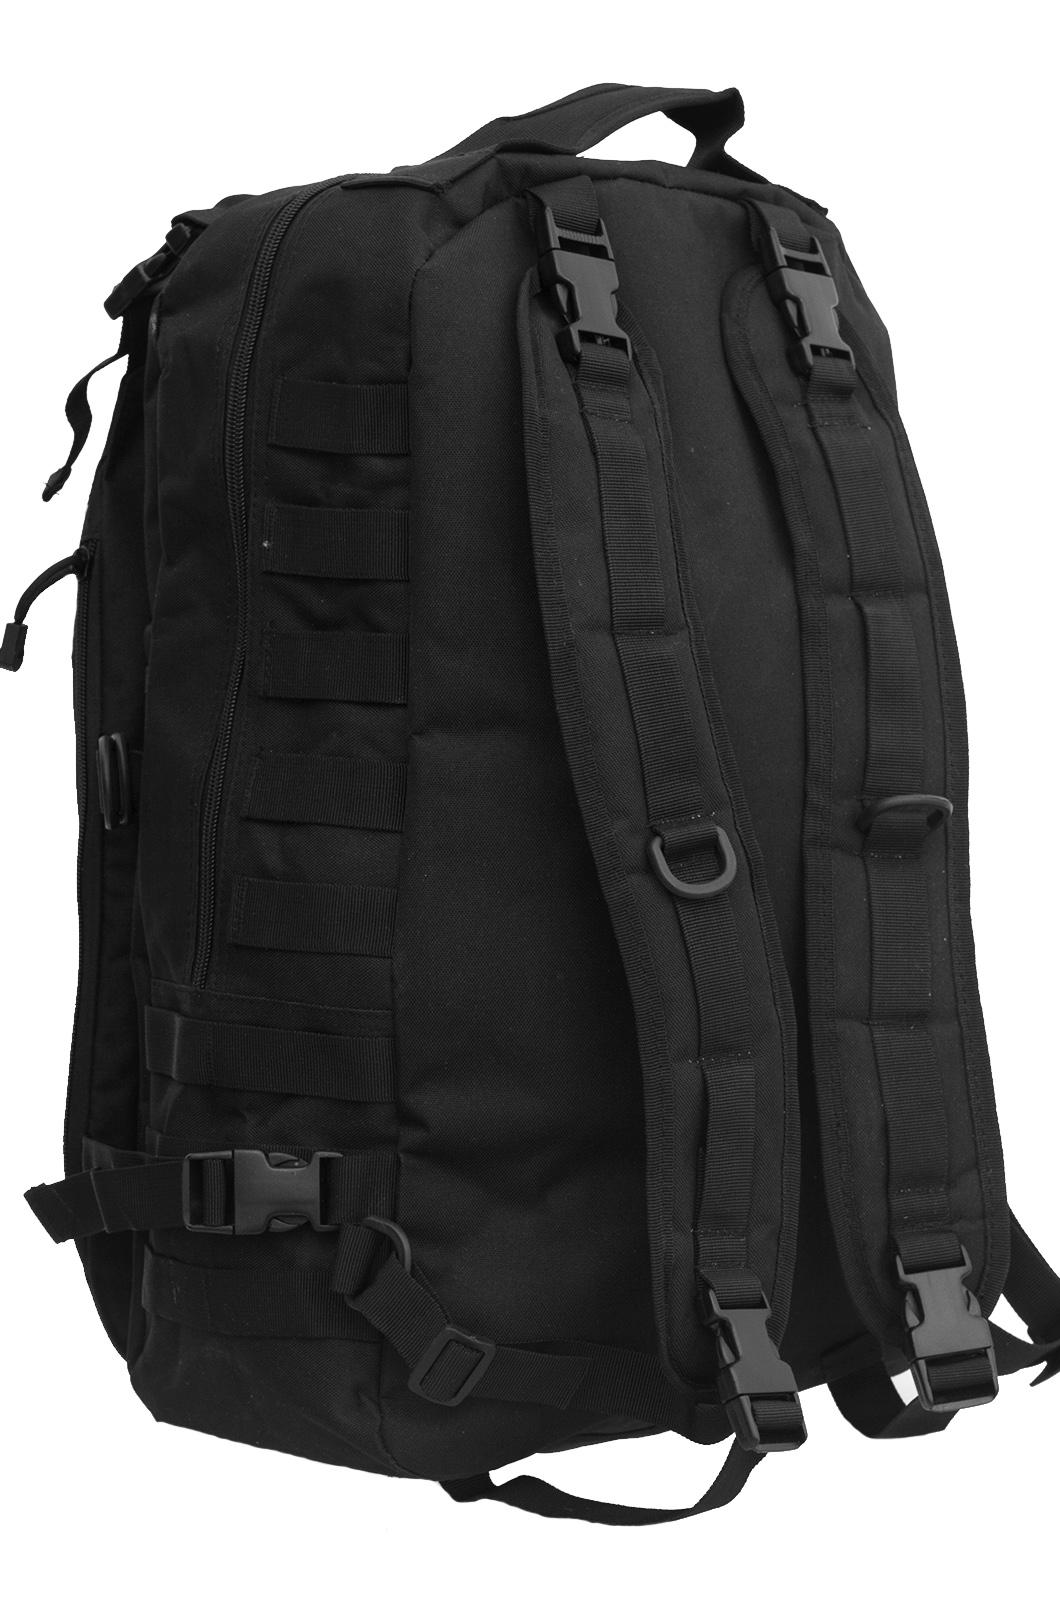 Недорогой рюкзак черного цвета с нашивкой «Военная разведка»